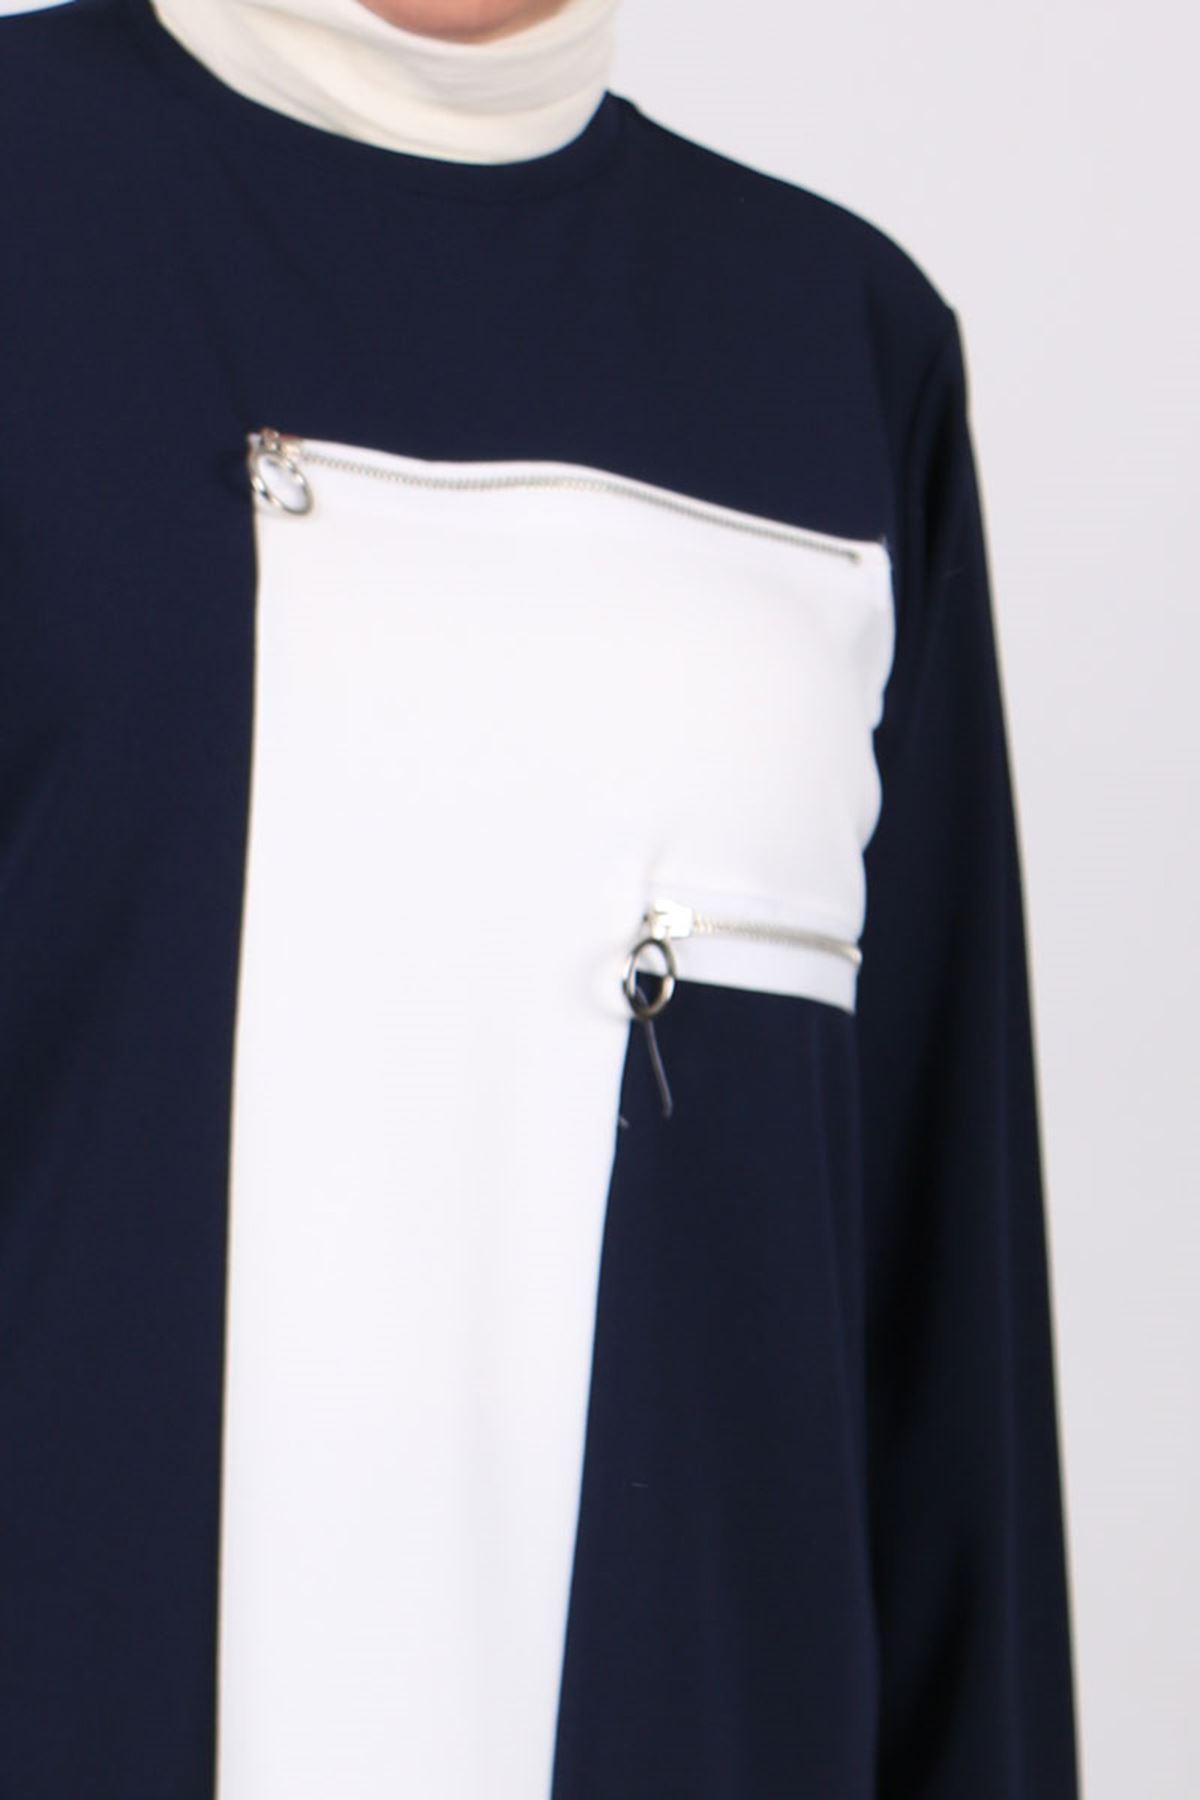 7716 Büyük Beden Scuba Beyaz Kombinli Pantolonlu Takım - Lacivert